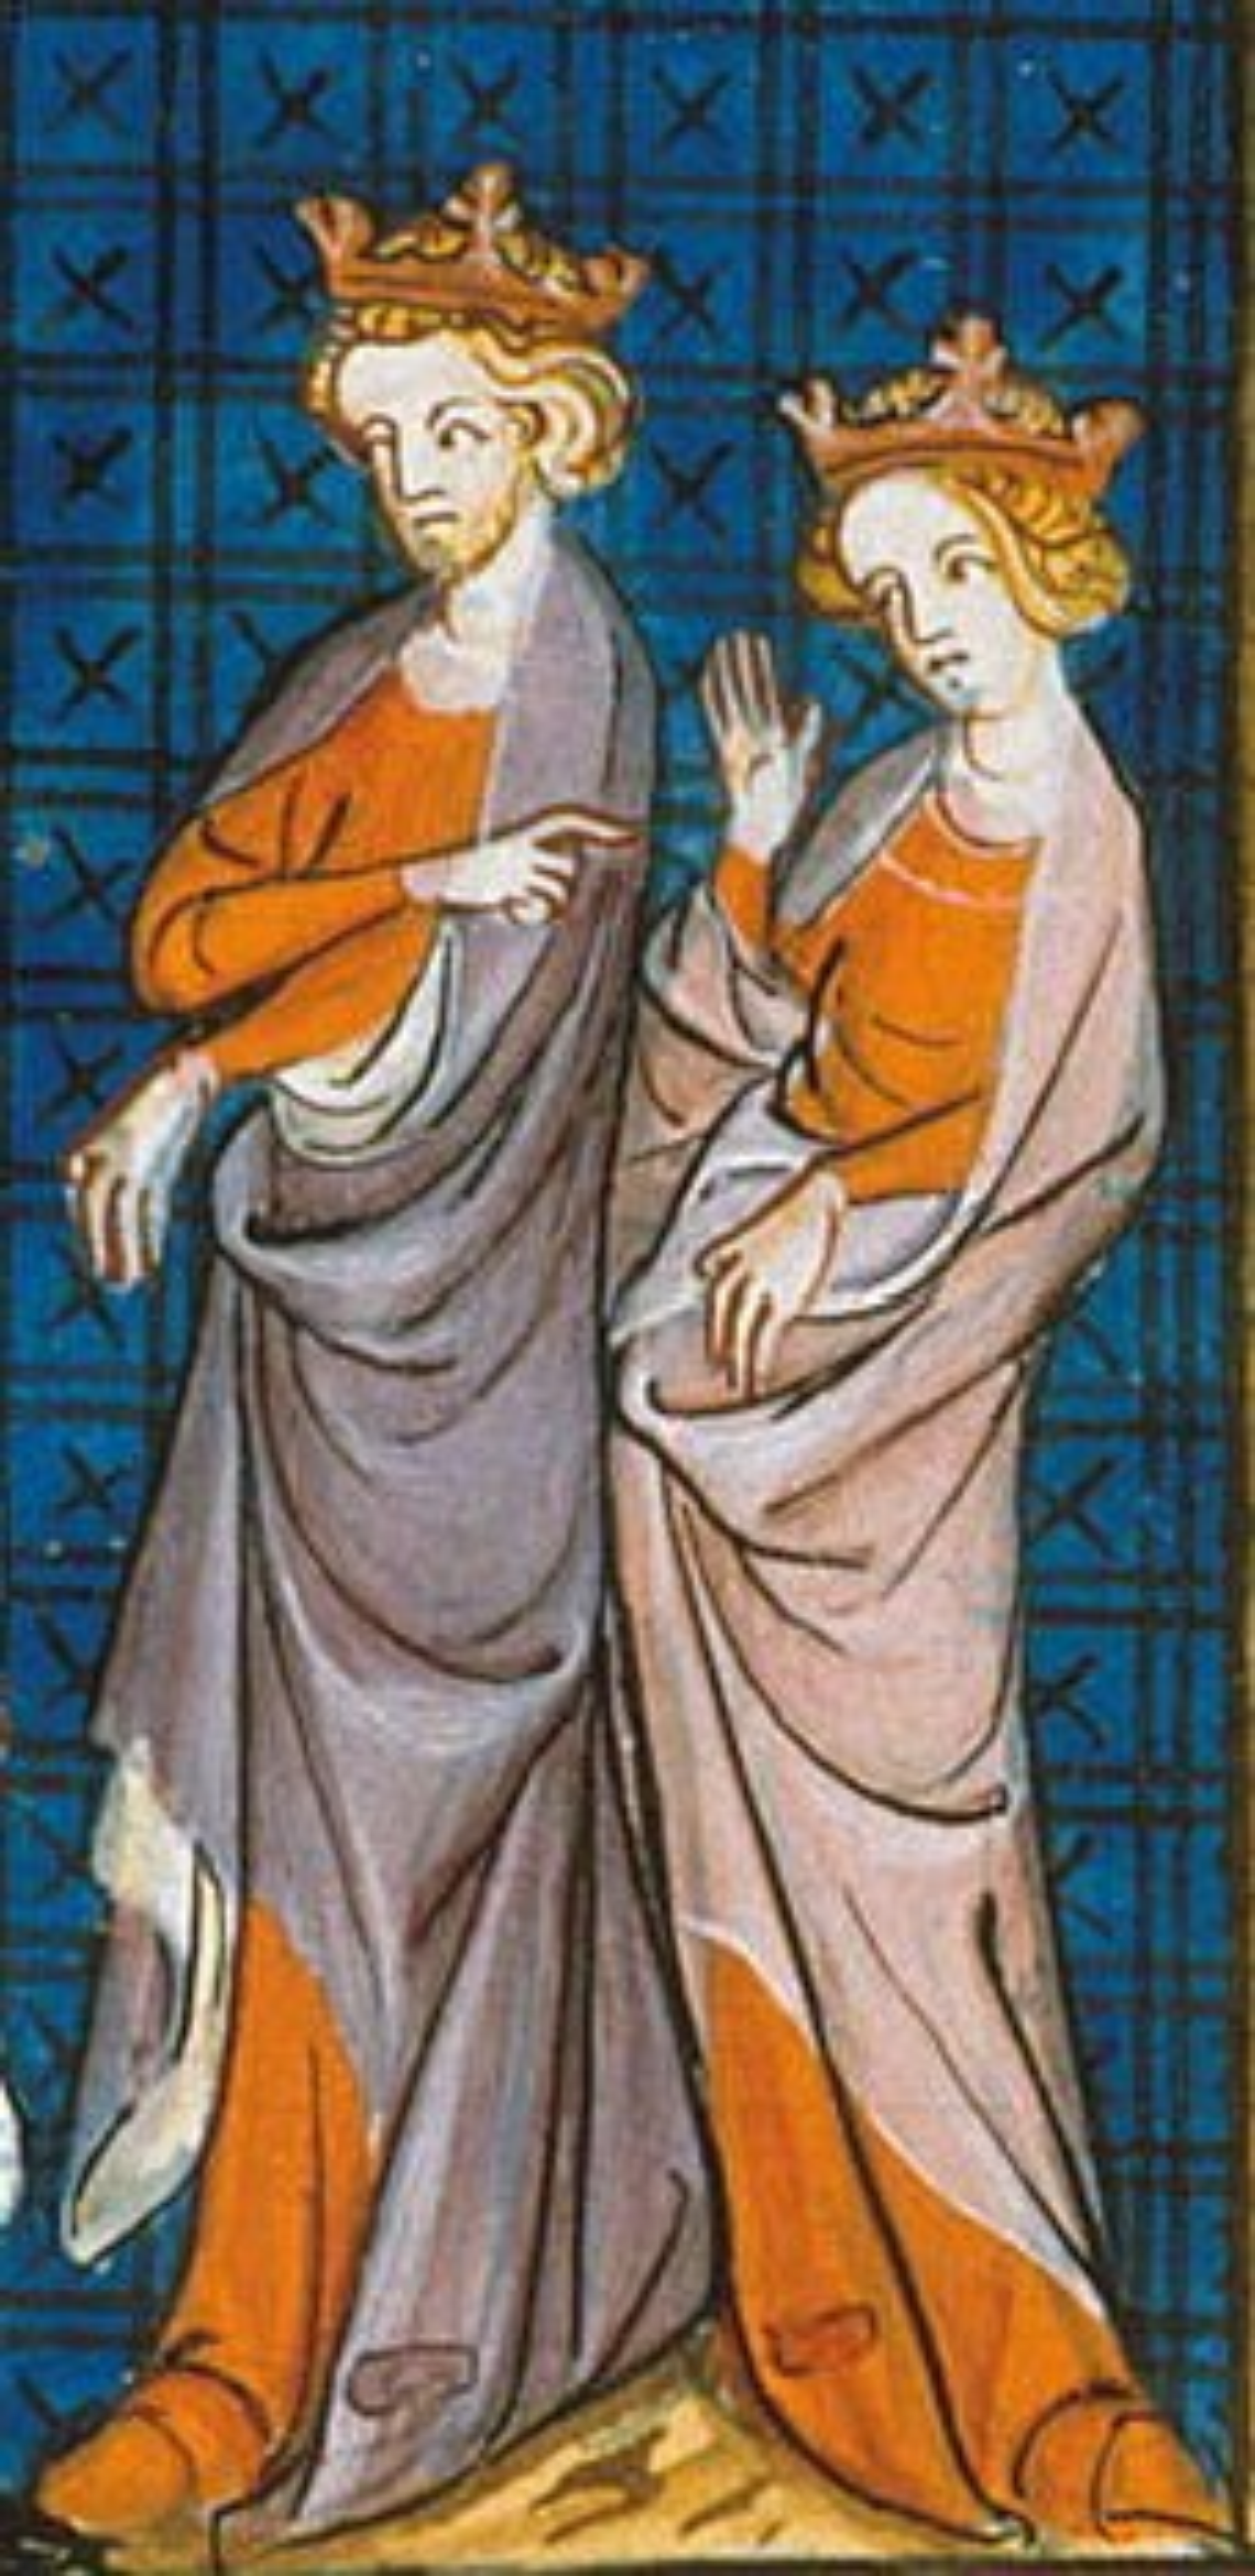 Representación de Enrique II y Leonor de Aquitania en un manuscrito iluminado del siglo XIV. Wikimedia Commons